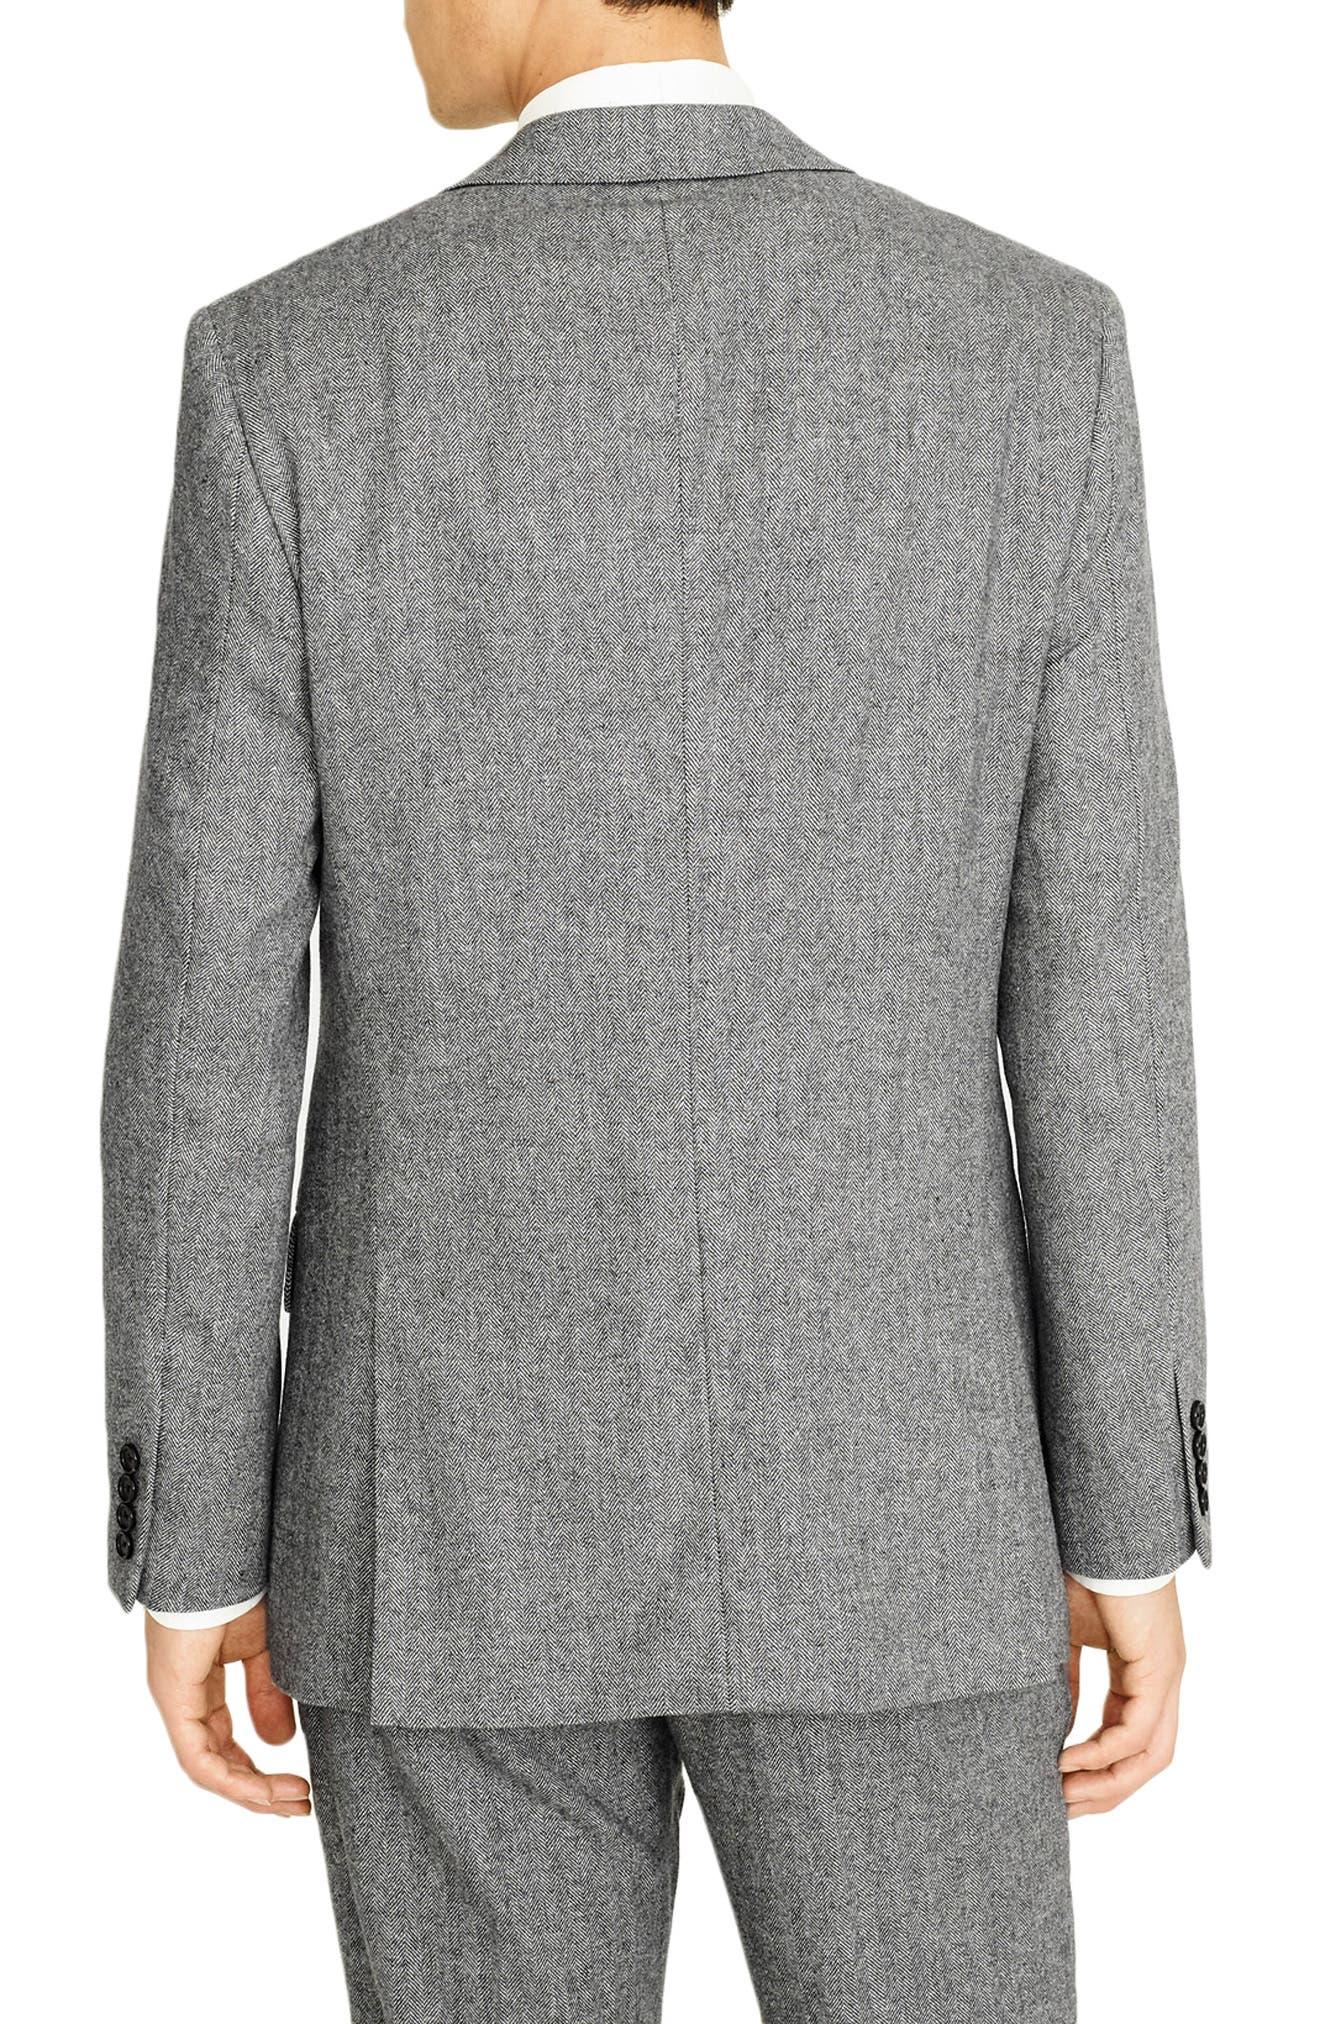 Ludlow Slim Fit Herringbone Wool Blend Suit Jacket,                             Alternate thumbnail 2, color,                             GREY HERRINGBONE